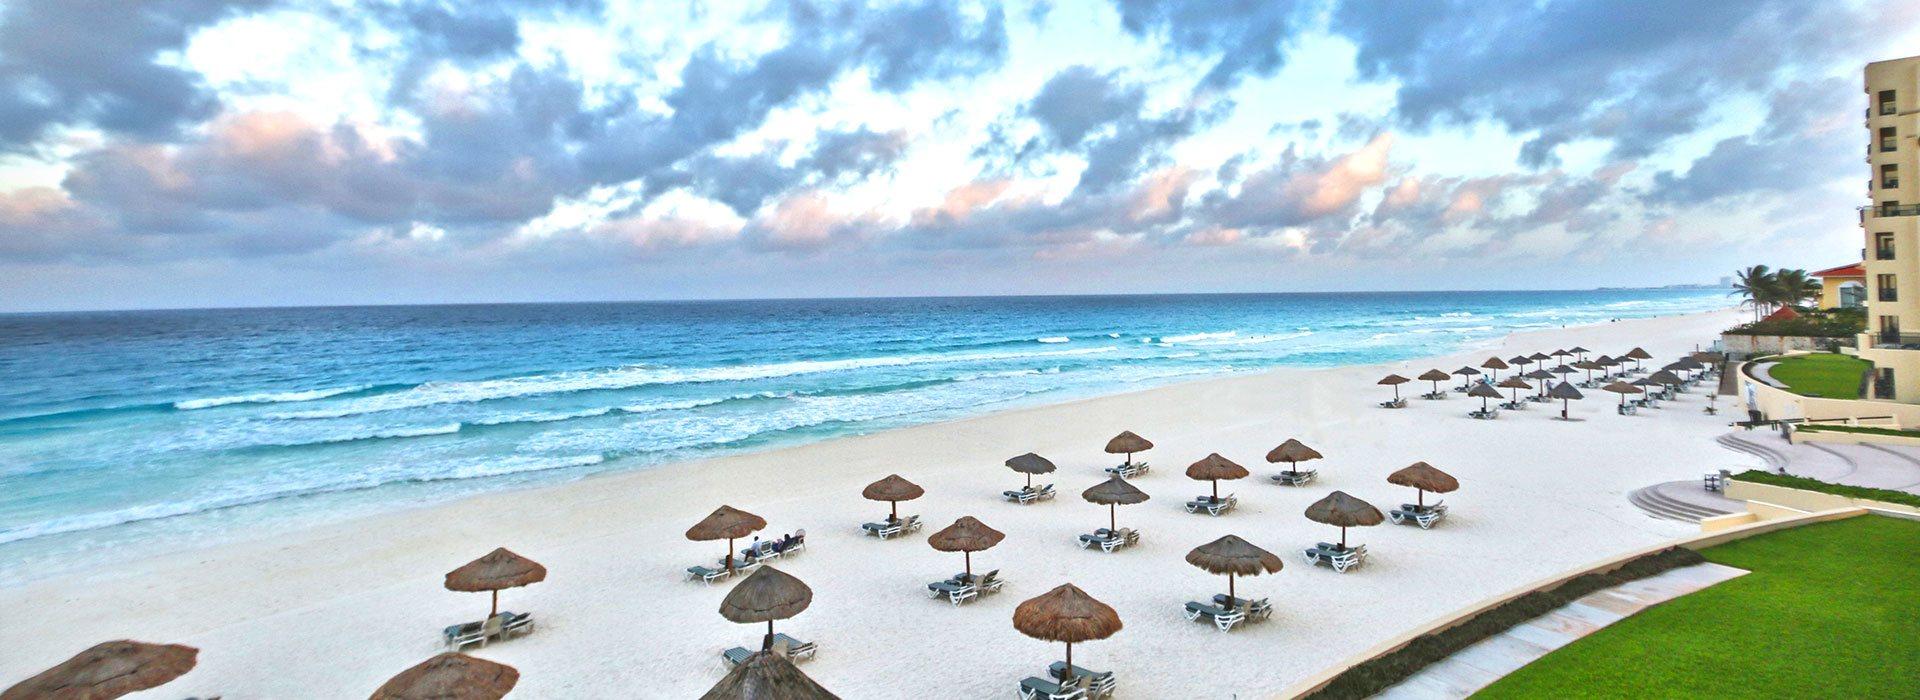 Visita uno de los mejores resorts de playa en Cancún con Planes Todo incluido